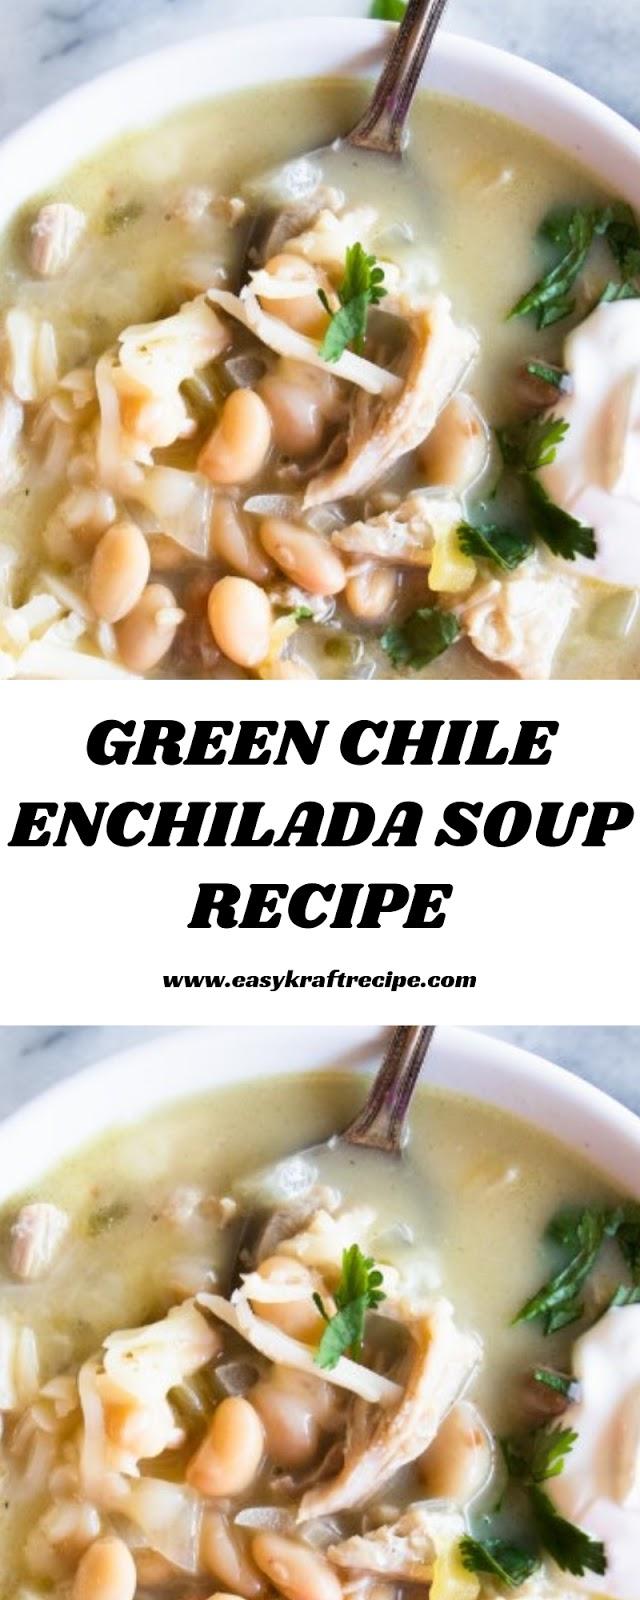 GREEN CHILE ENCHILADA SOUP